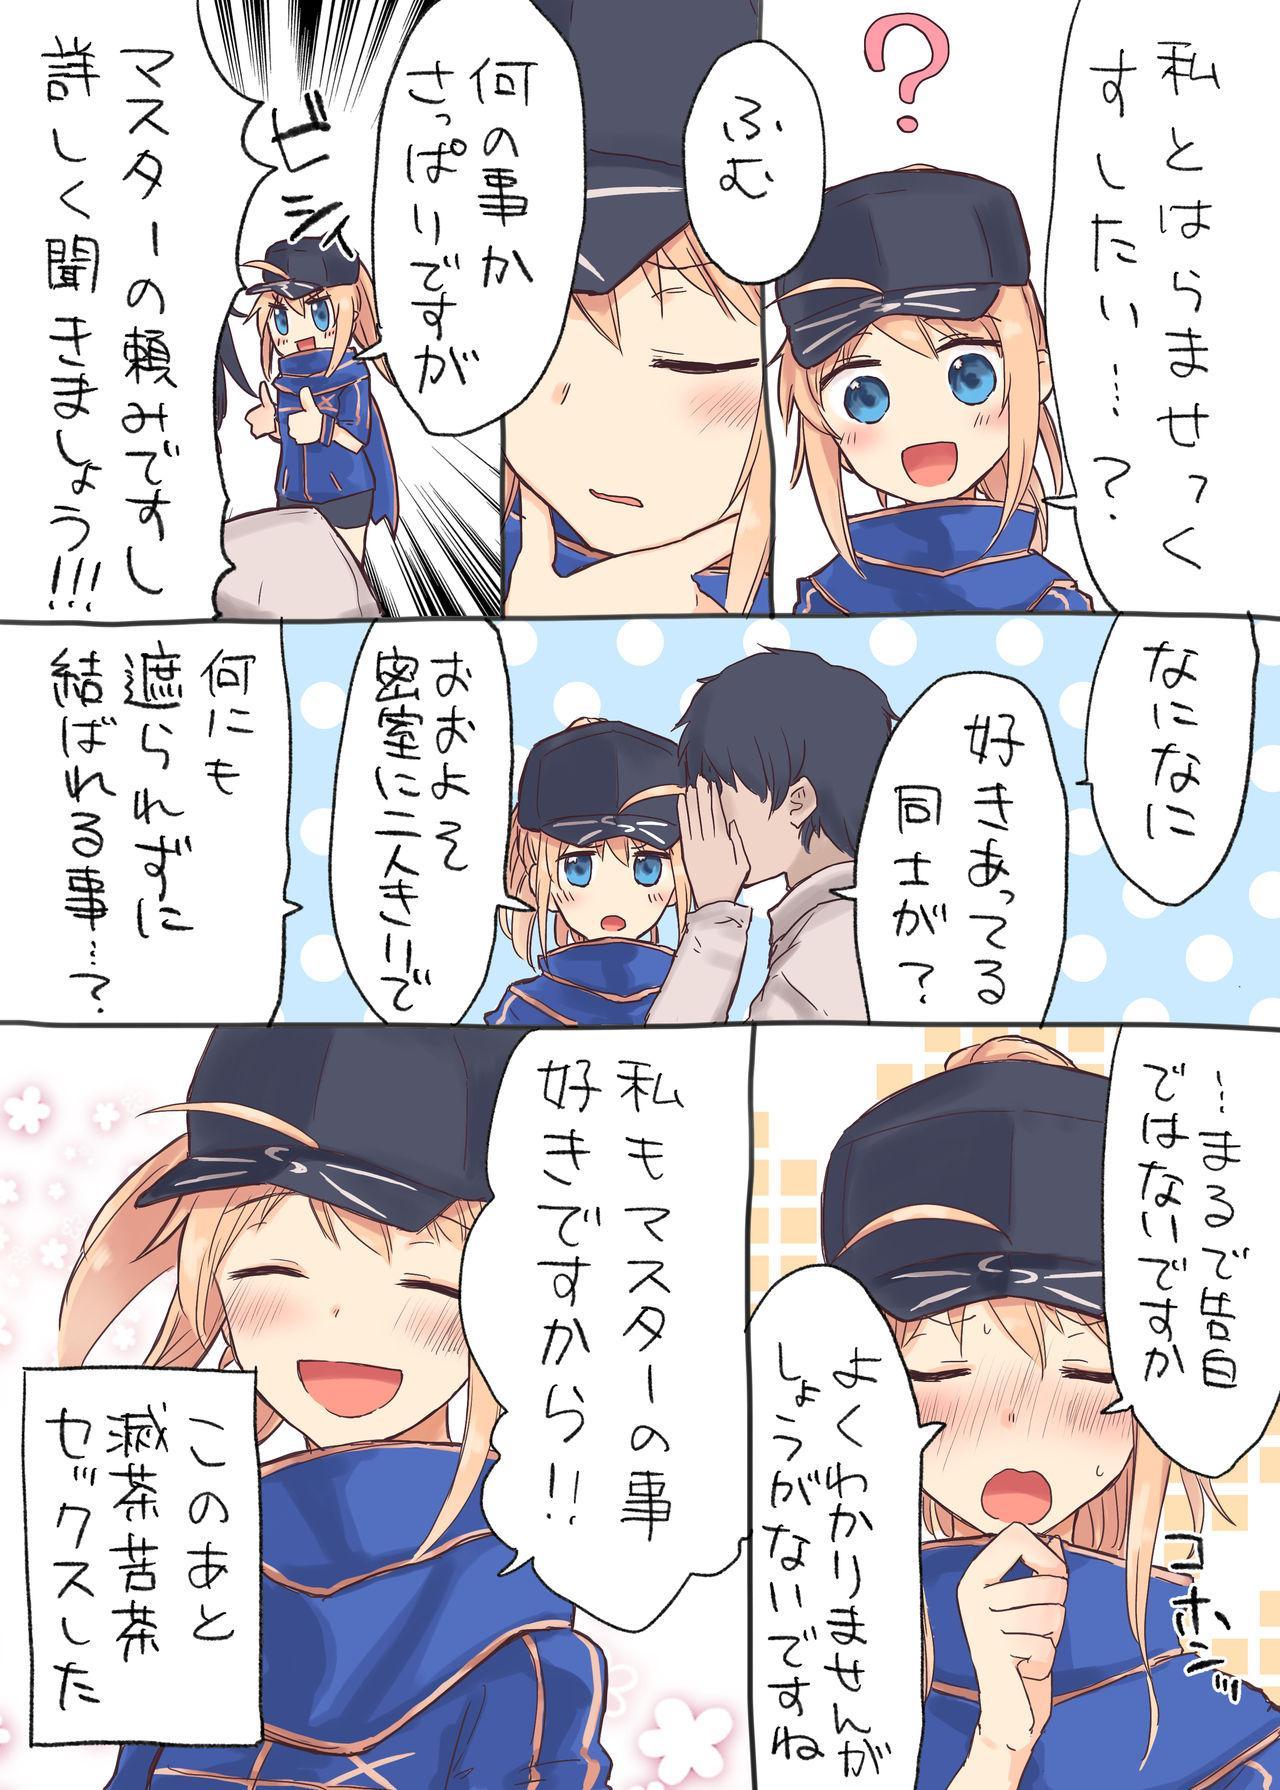 Uchi no Servant ni Haramasex shitaitte Itte mita 28